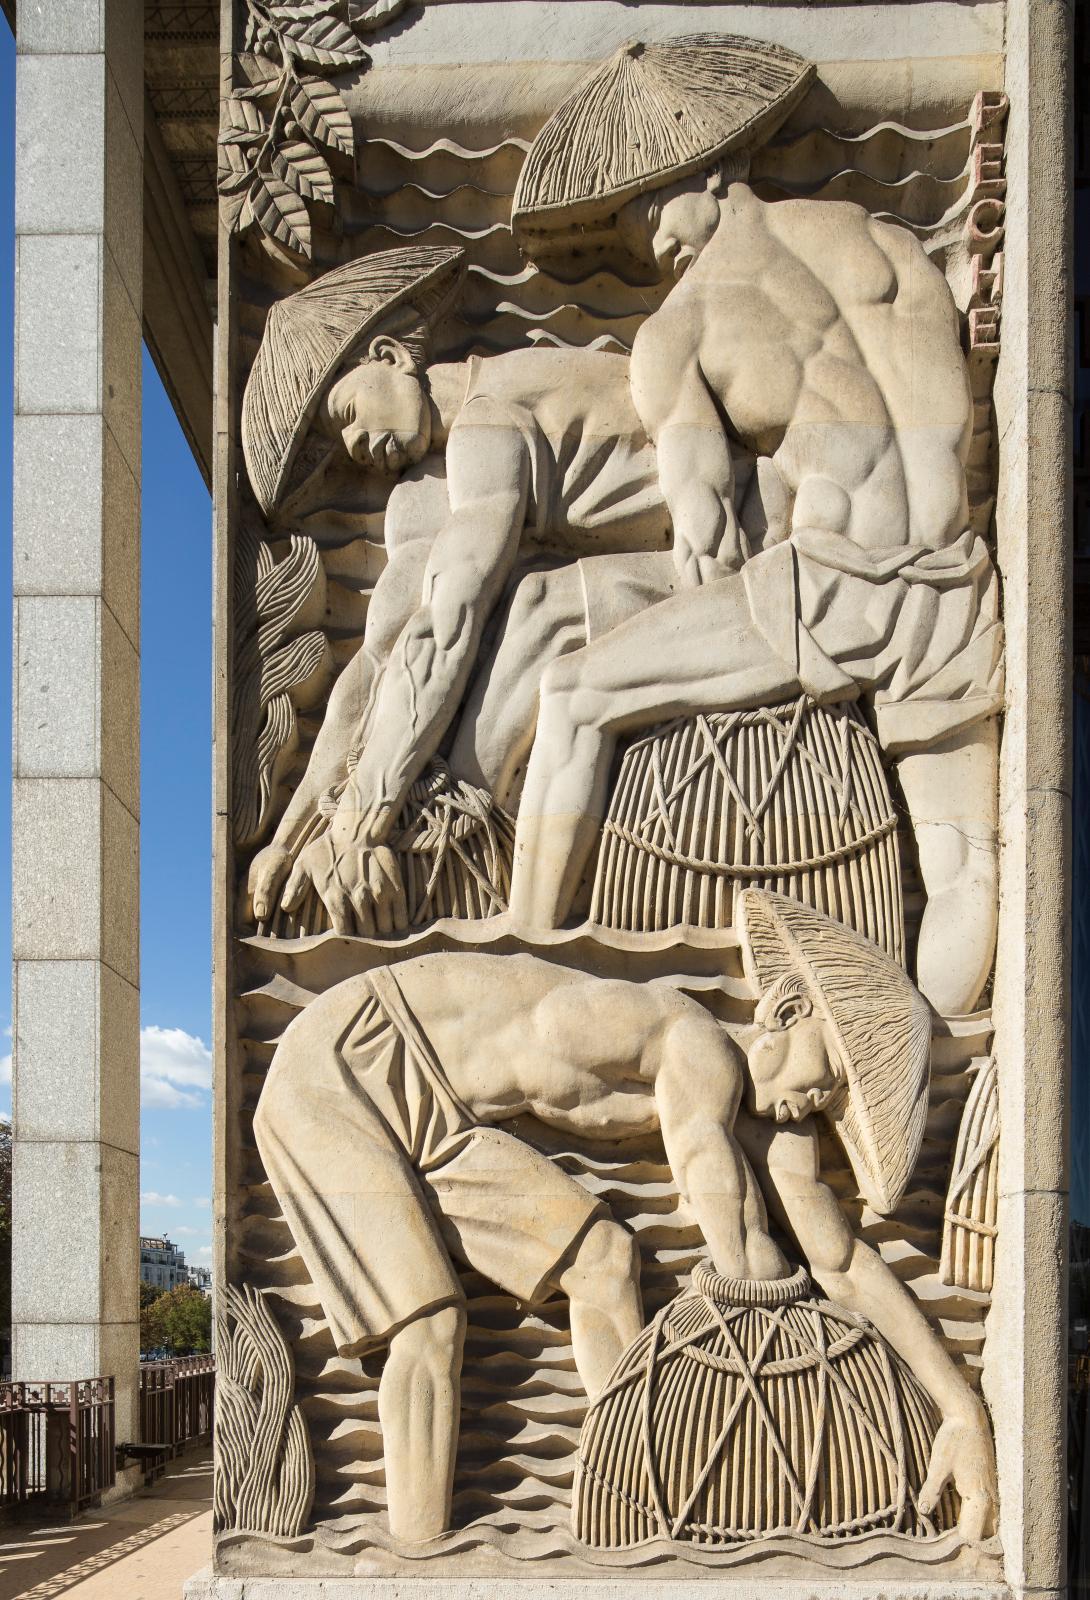 Bas-reliefs d'Alfred Janniot, palais de la Porte dorée, 1931 (détail).